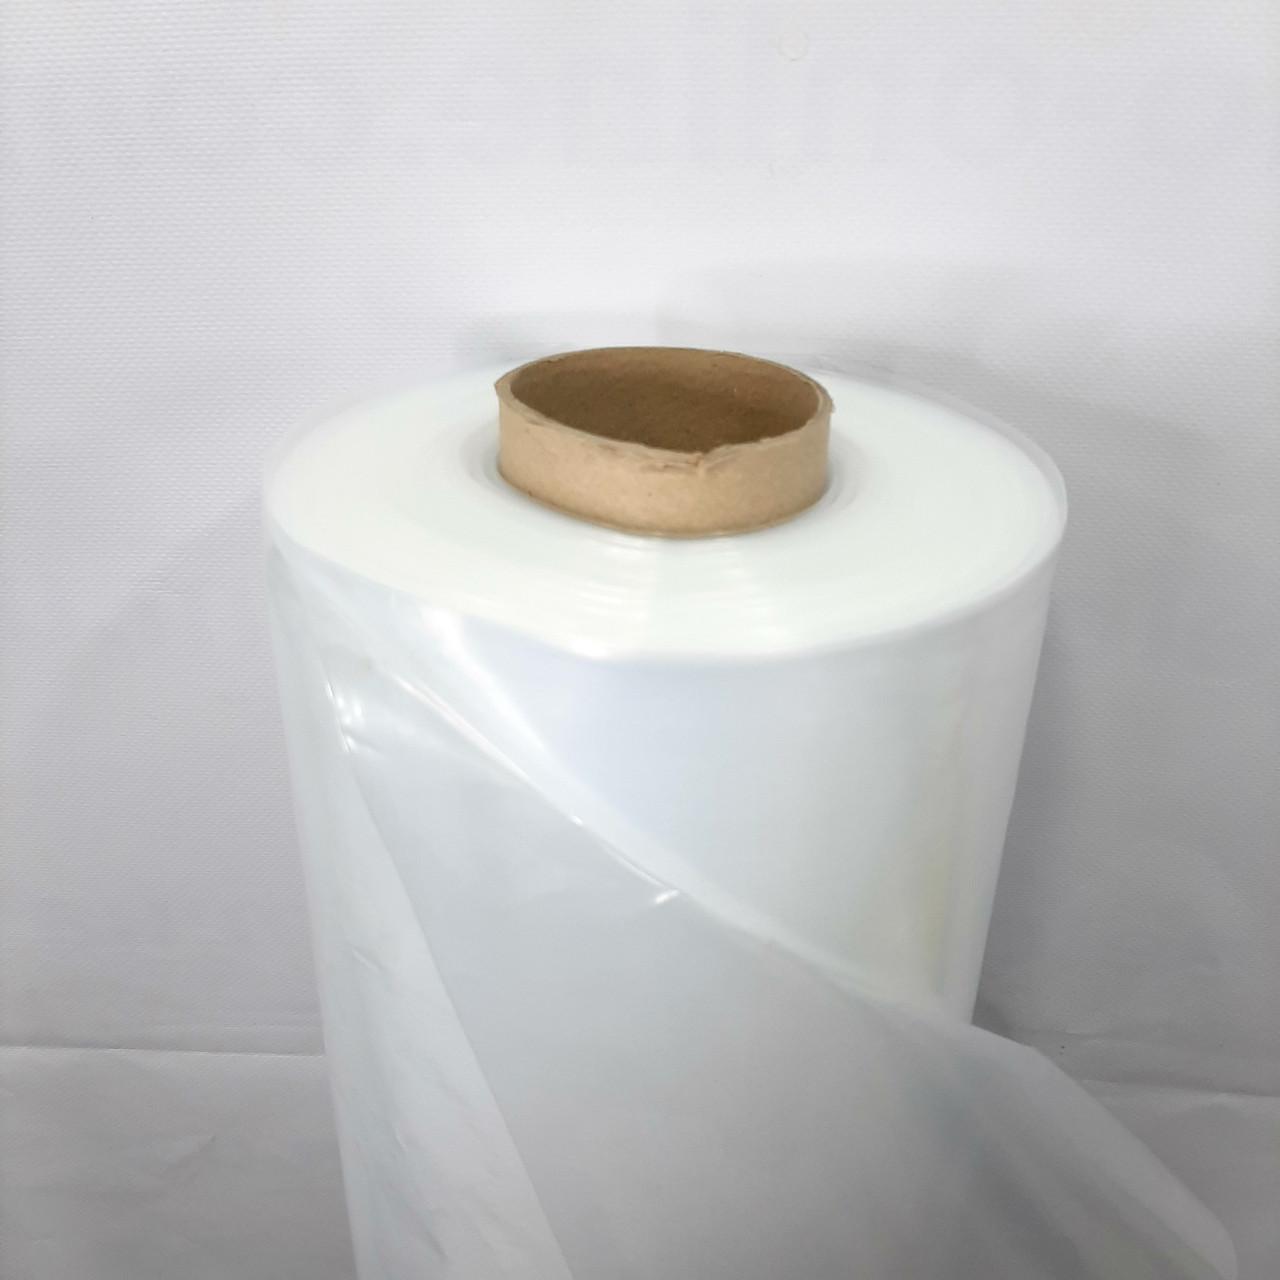 Пленка белая, 120мкм, 3м/100м. Прозрачная (парниковая, полиэтиленовая).